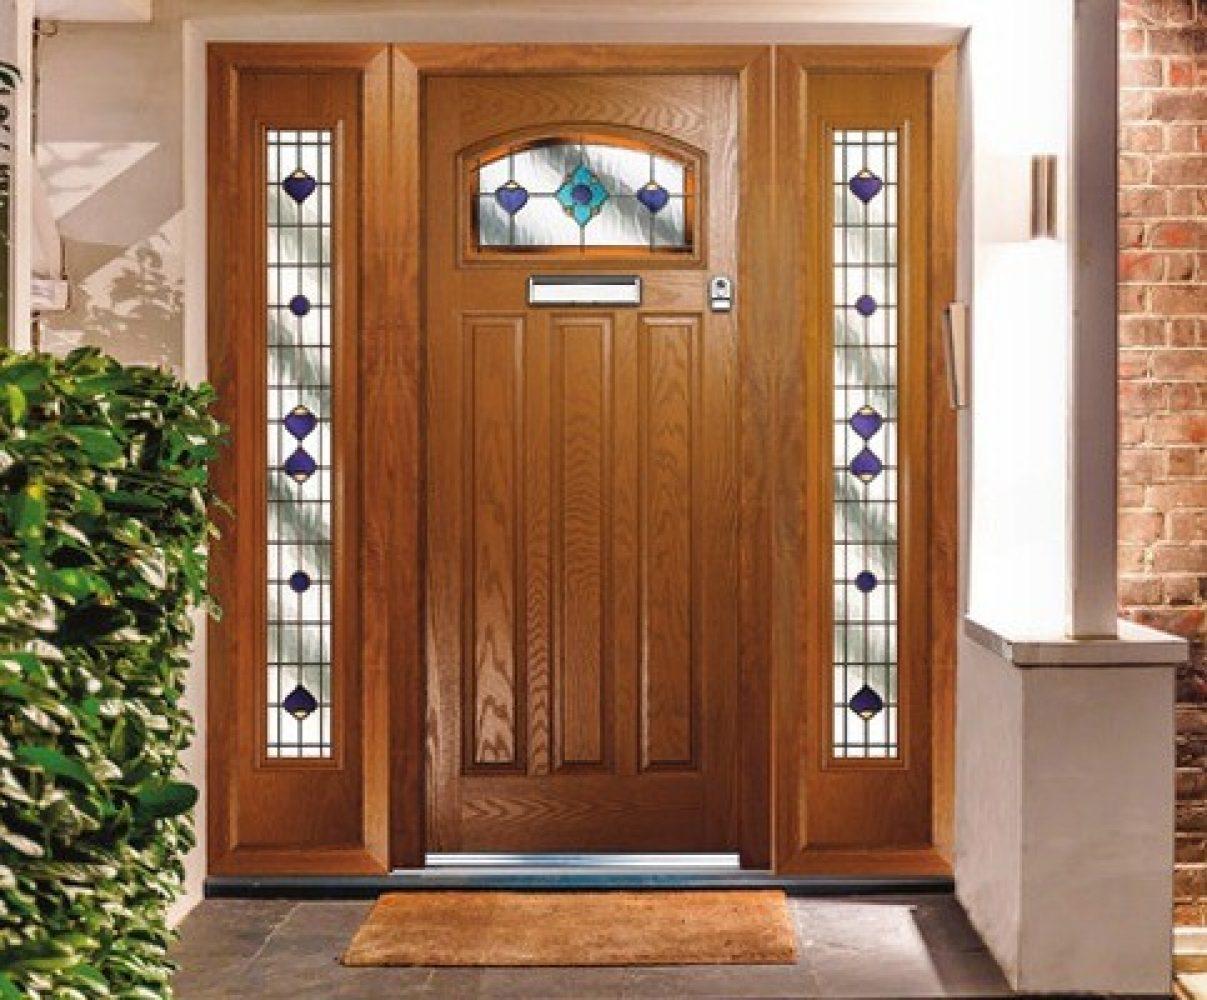 comp.door.traditional